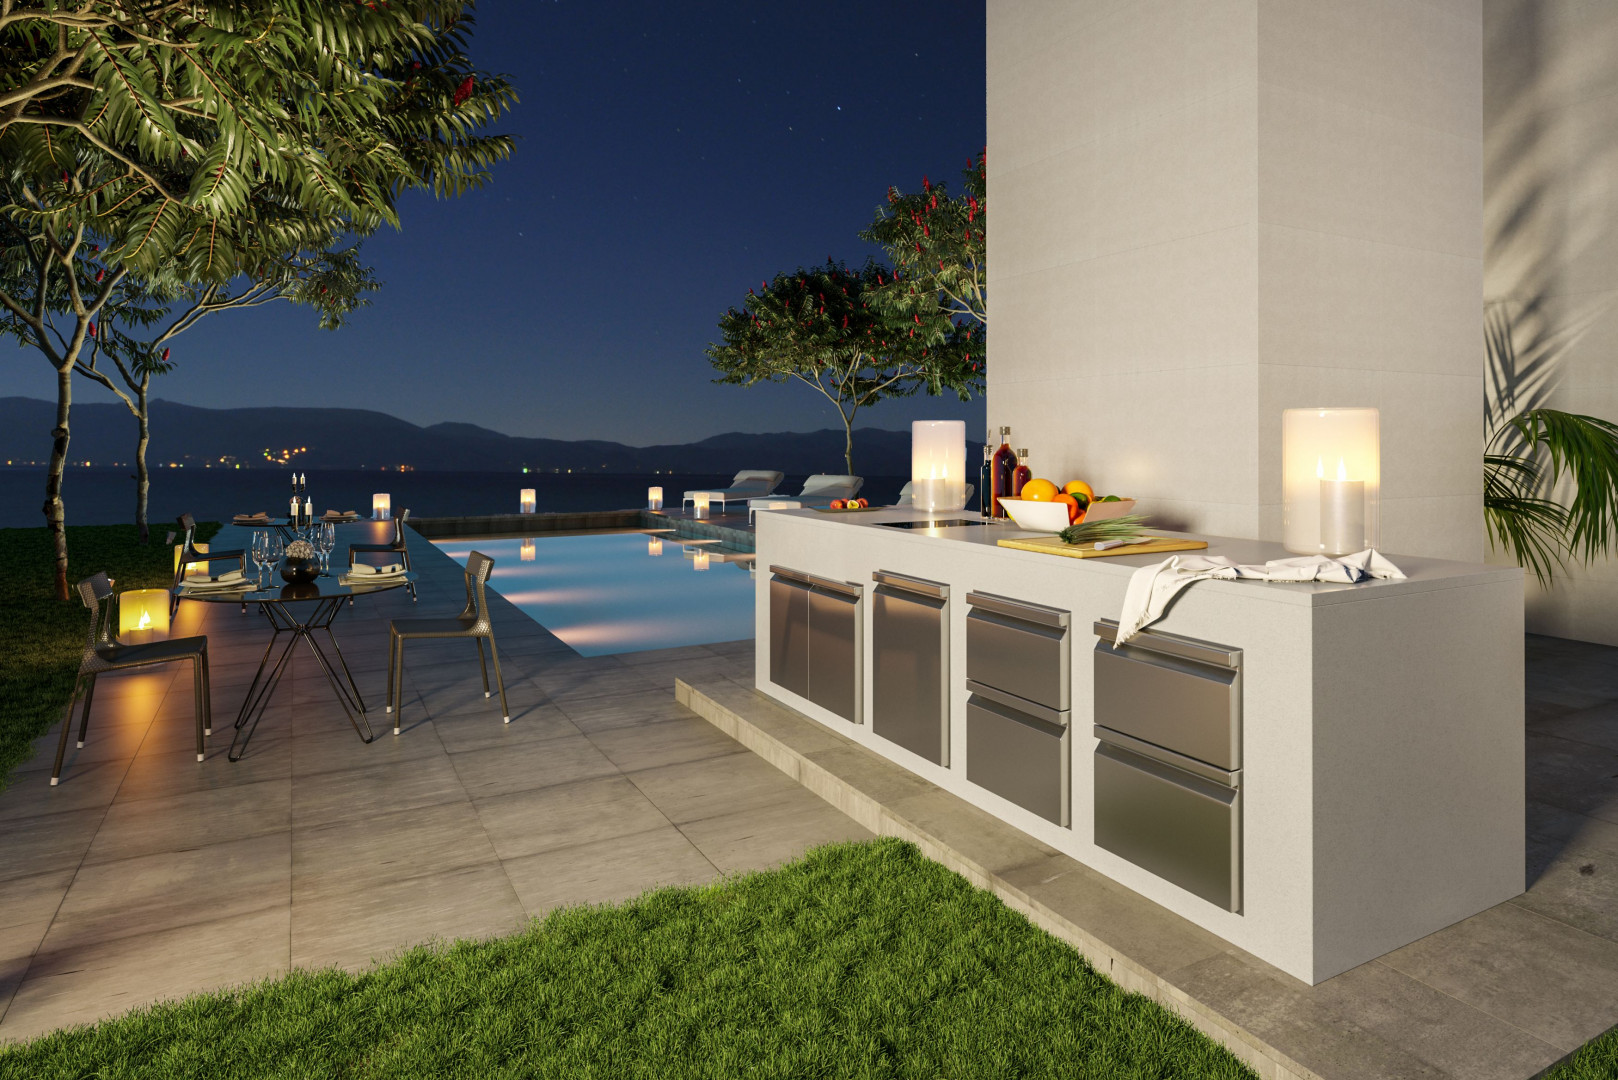 Kuchnia zewnętrzna wykonana z konglomeratu kwarcytowego. Fot. TechniStone